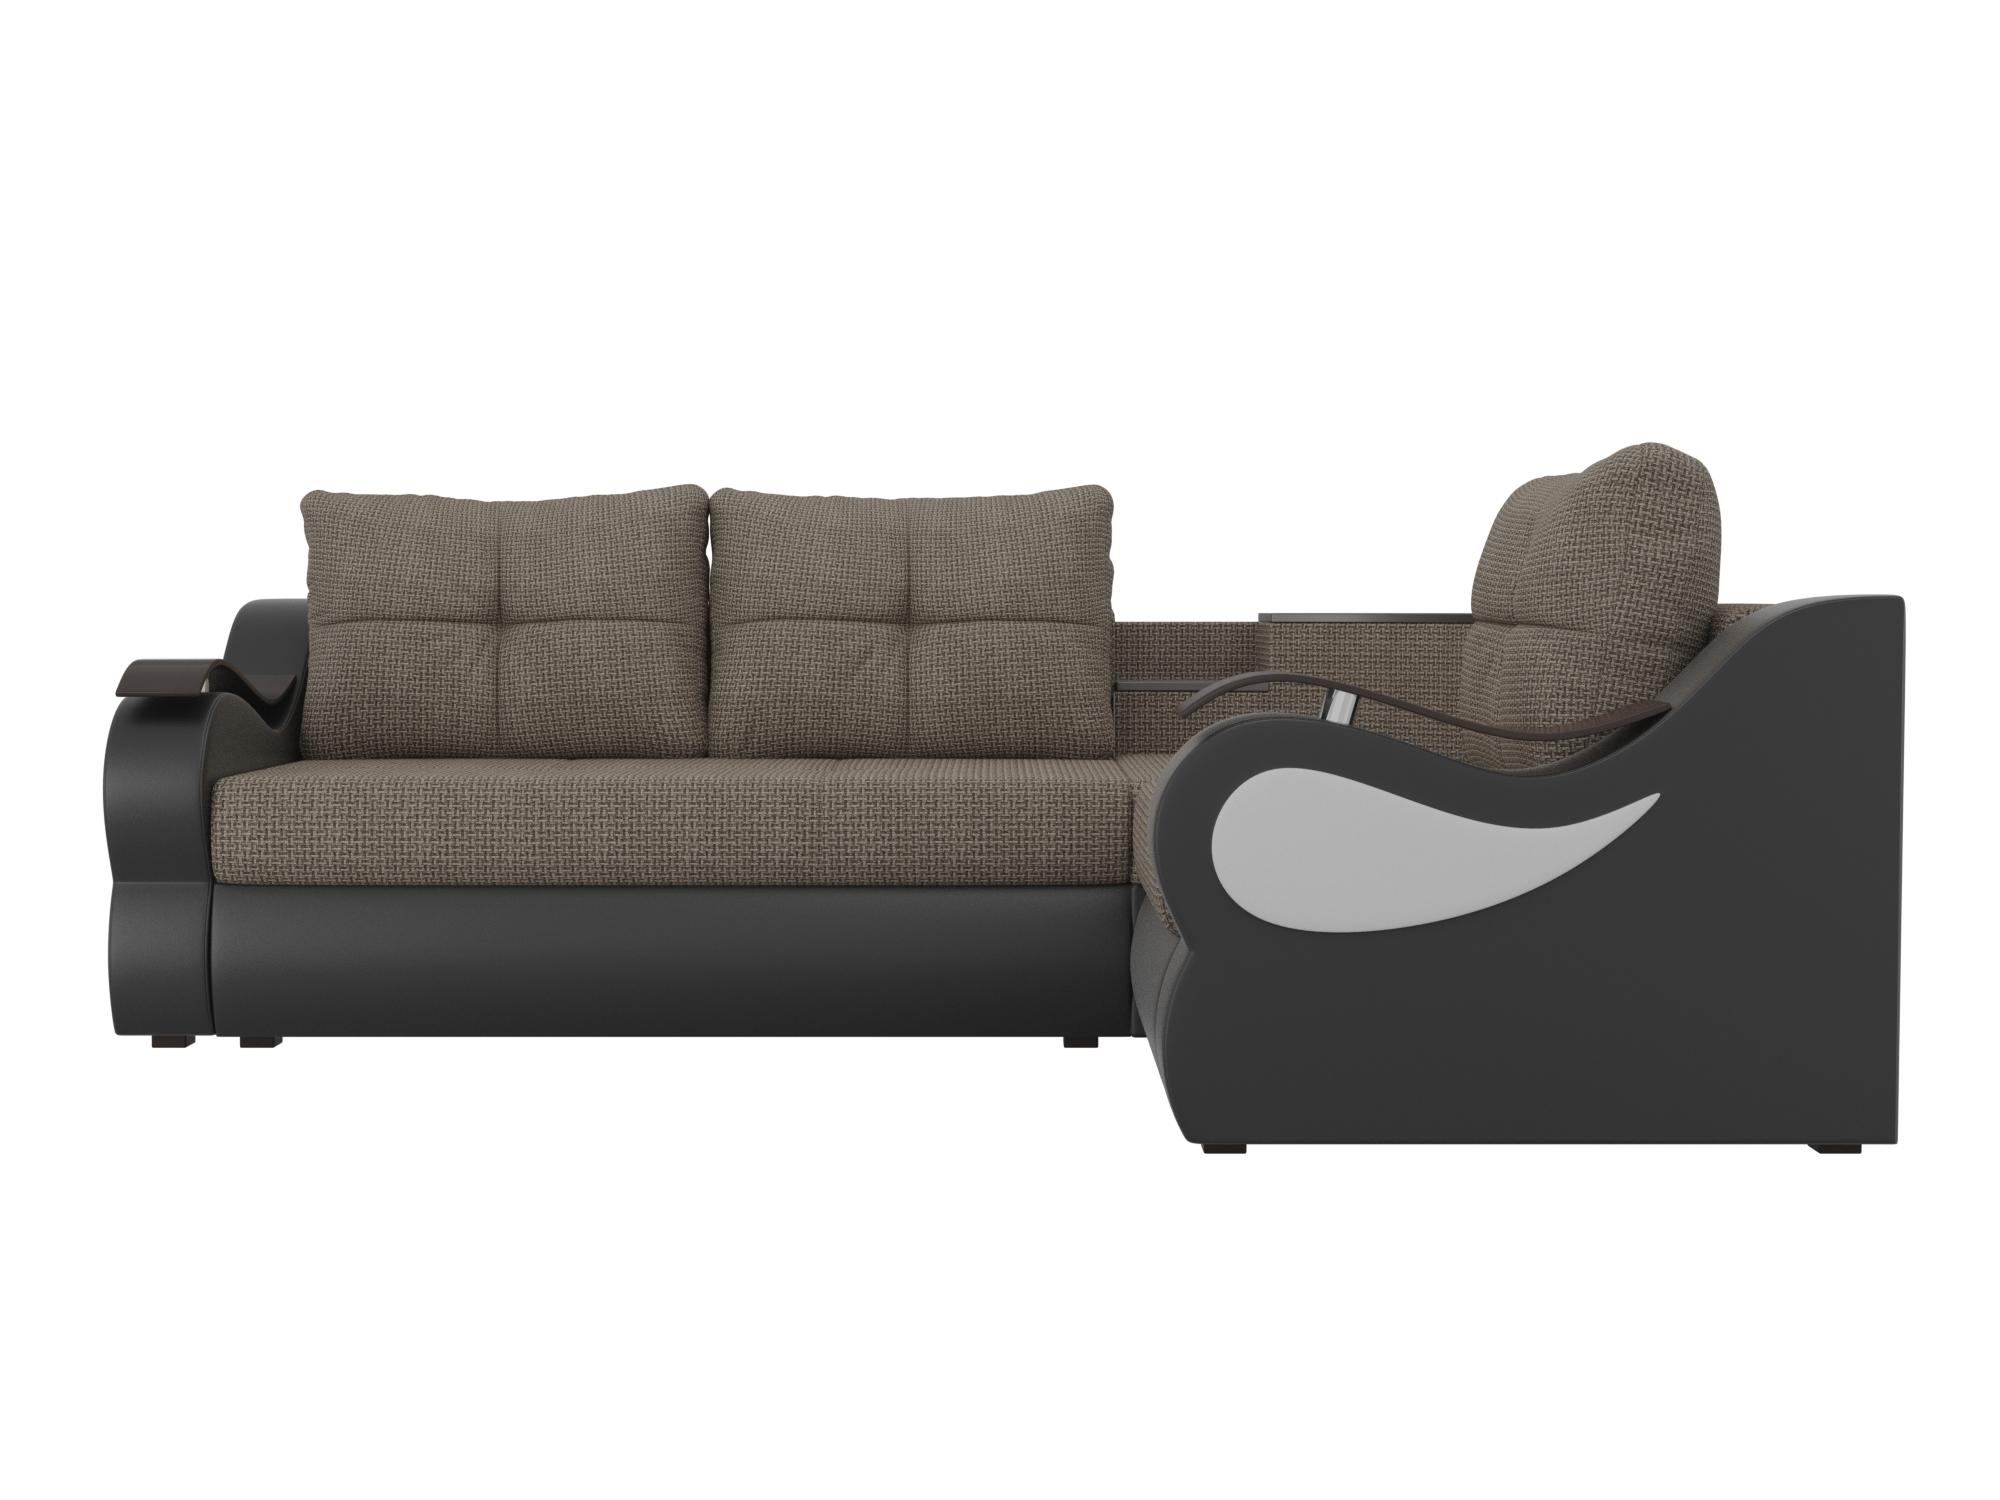 Угловой диван Митчелл Правый MebelVia Коричневый, Черный, Рогожка Коричневый, Черный